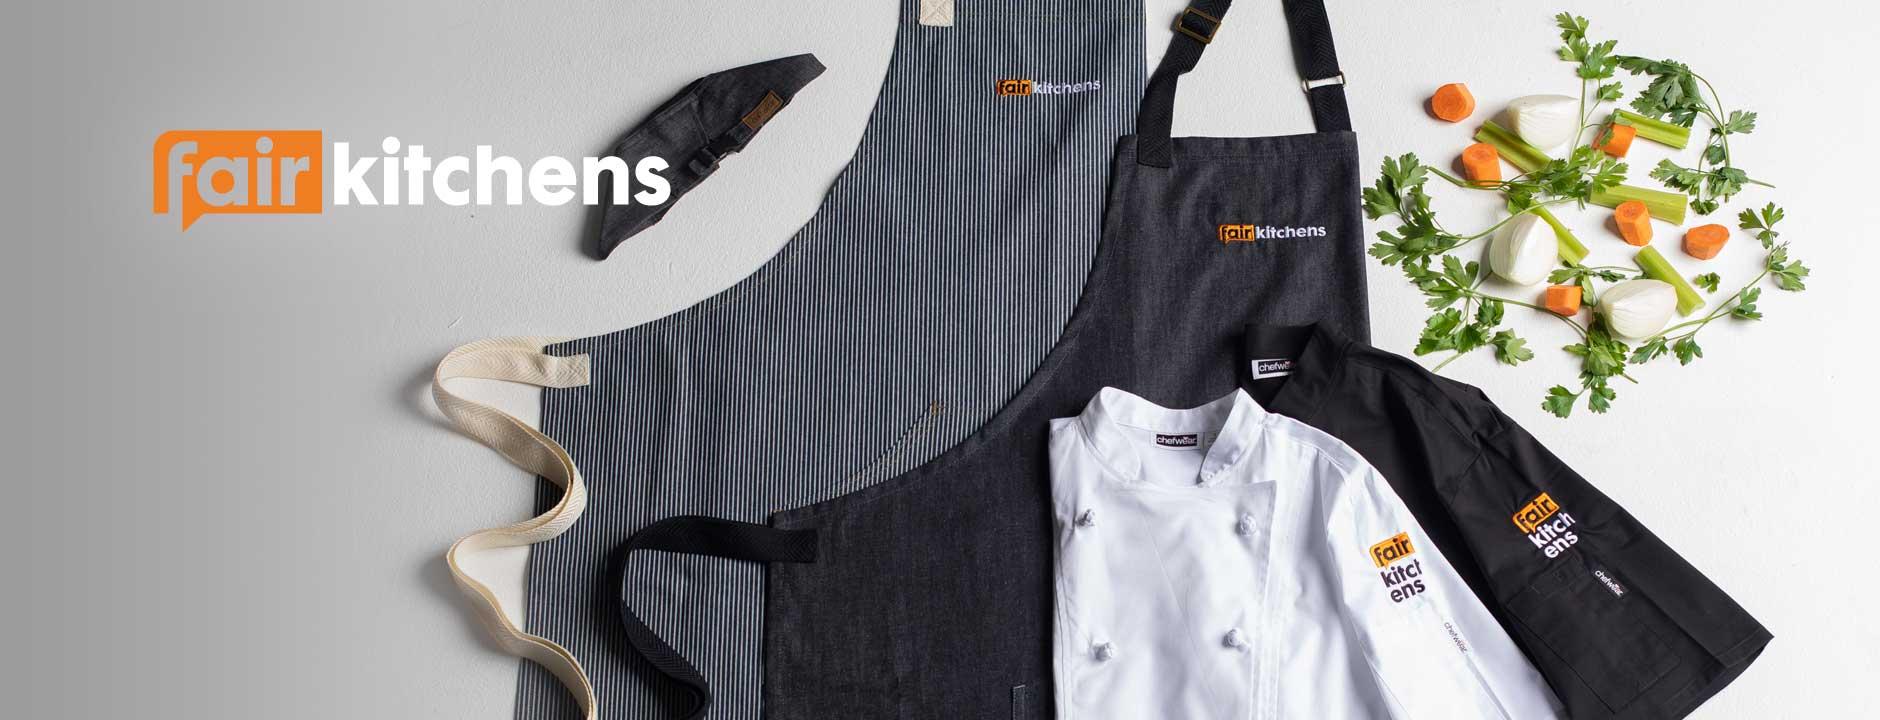 FairKitchens Chefwear Online Store